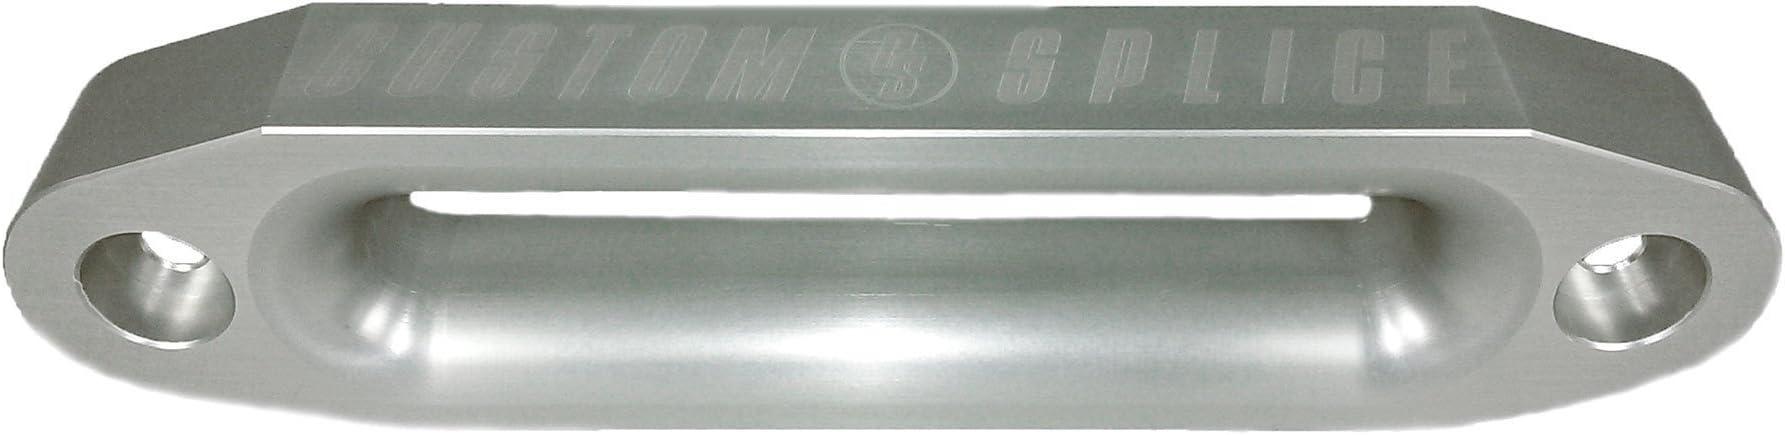 10inch Double Thick Fairlead Silver Custom Splice